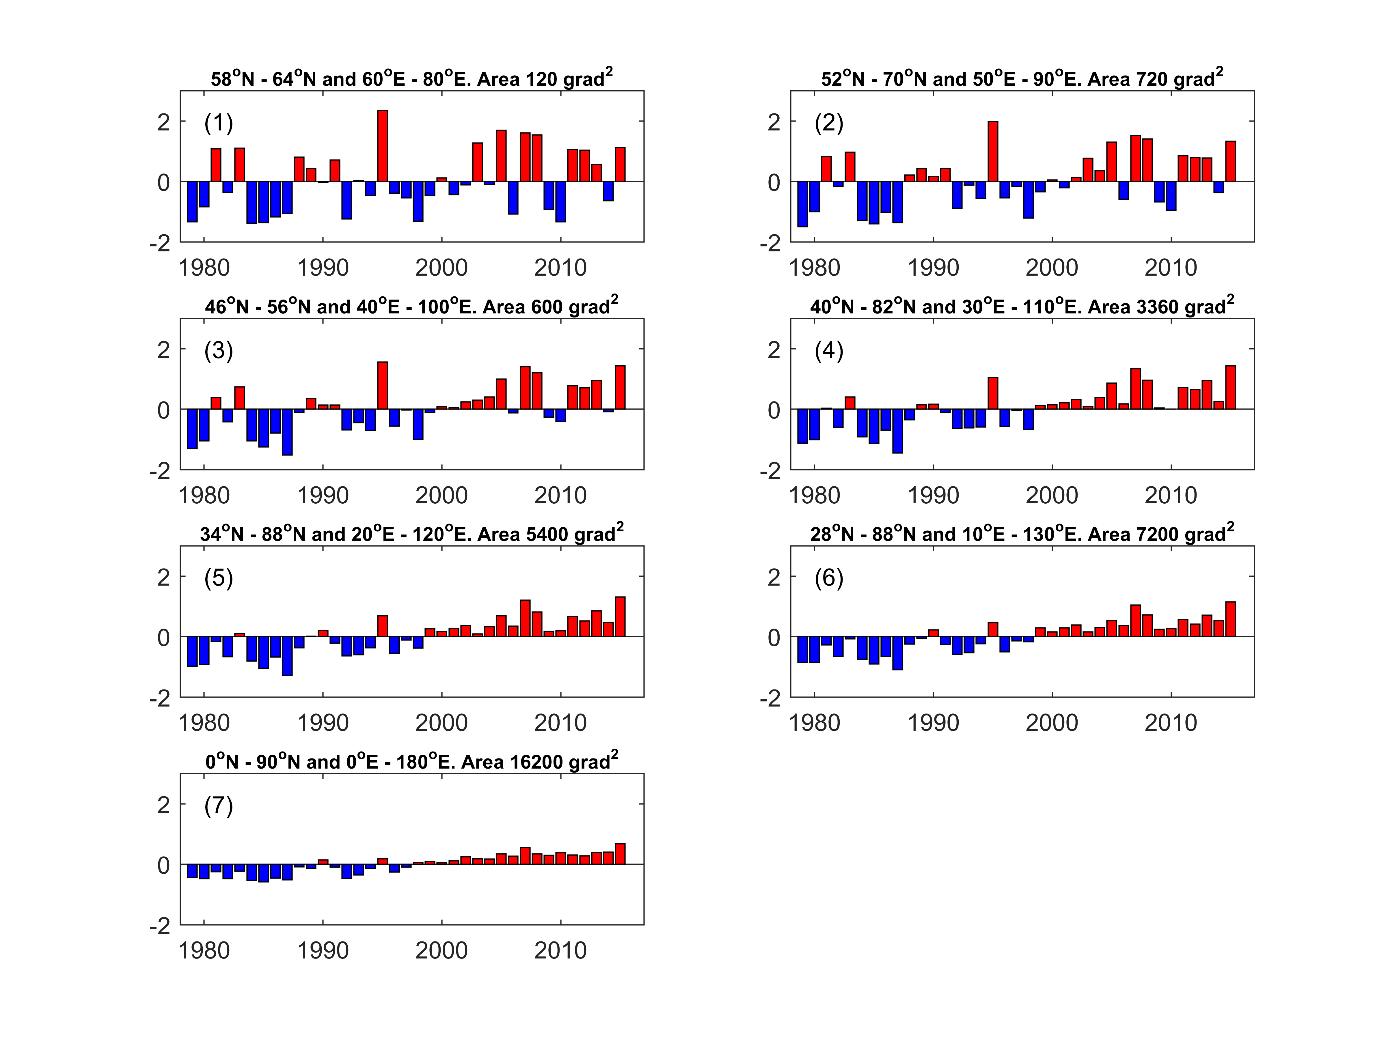 Рисунок 4. Изменение среднегодовой температуры воздуха с1979-го года для территорий разного размера сцентров всреднем Приобье Западной Сибири. Размер территорий возрастает от самого маленького региона (1) до самого большого региона (7). Данные взяты из реанализа 3-го поколения ERA-I. Обработка автора.